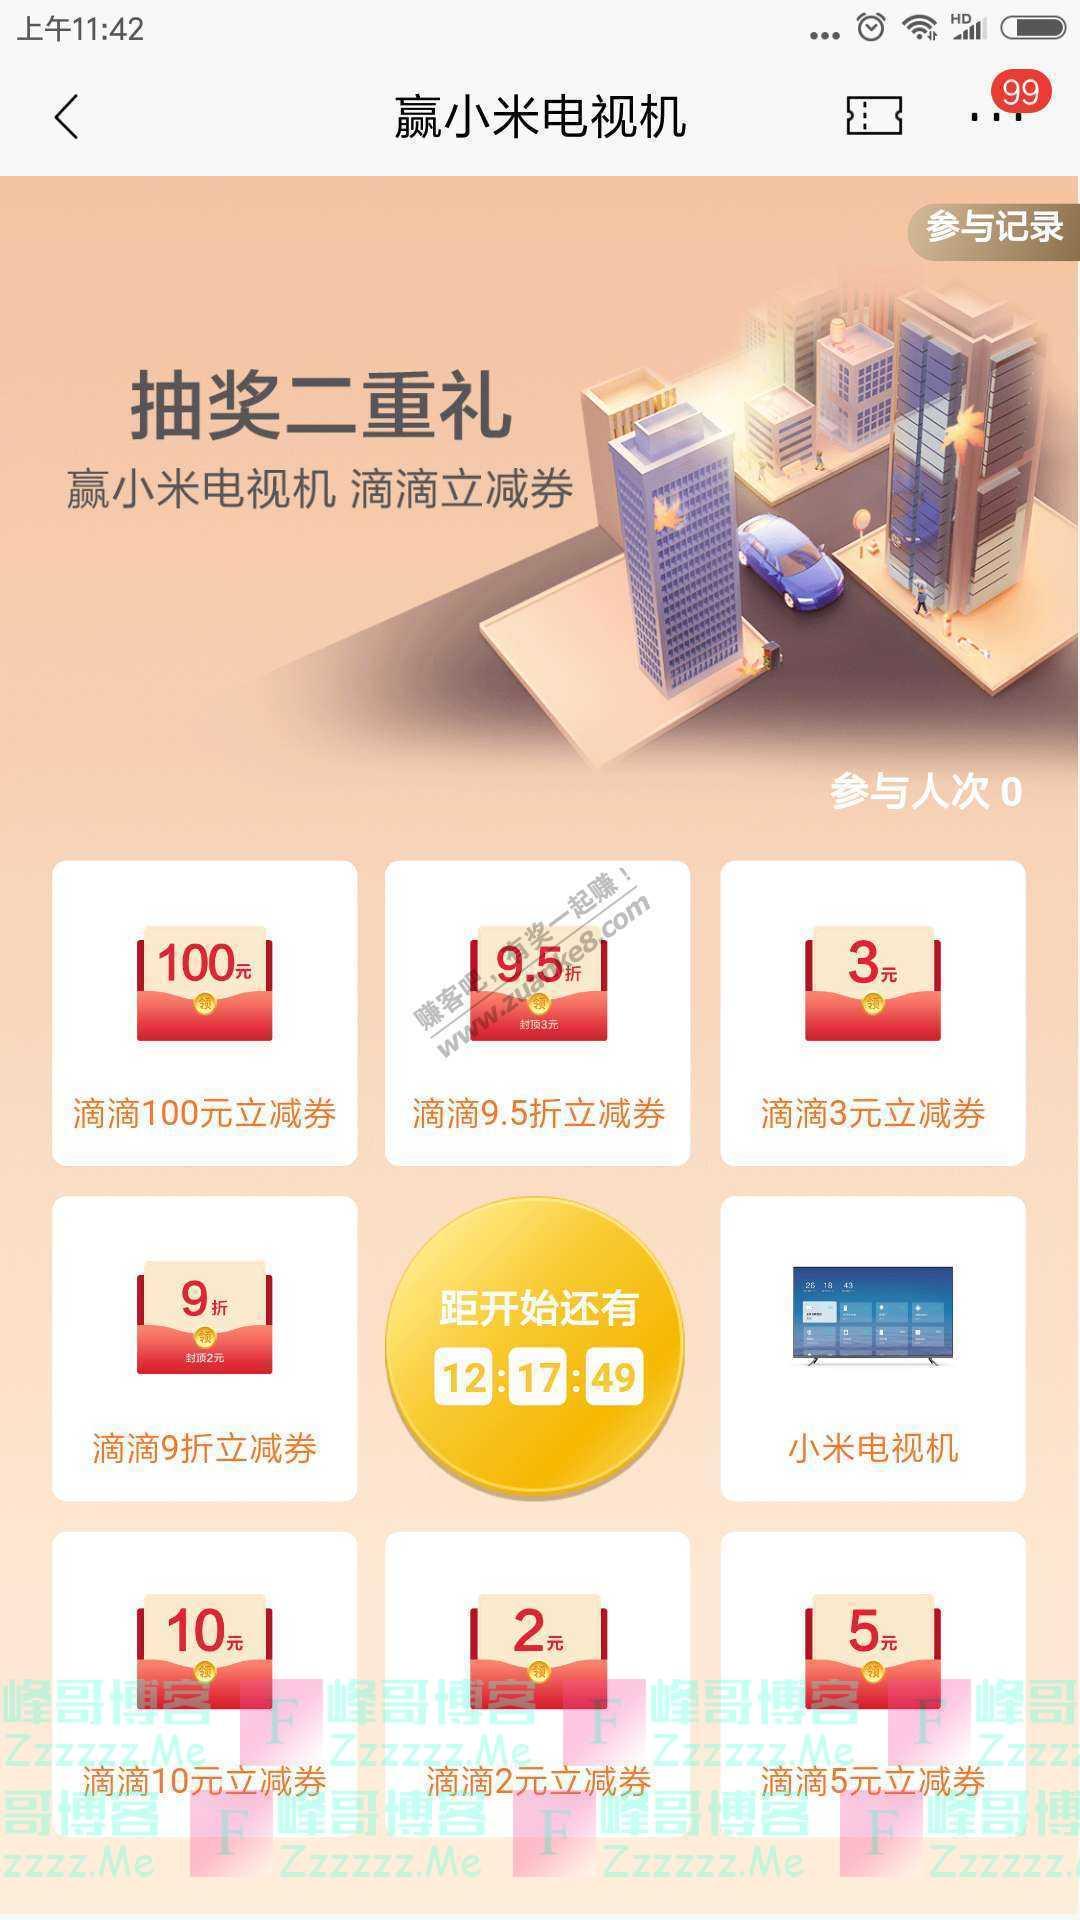 招商银行app登录滴滴出行小程序赢小米电视机(截止11月30日)